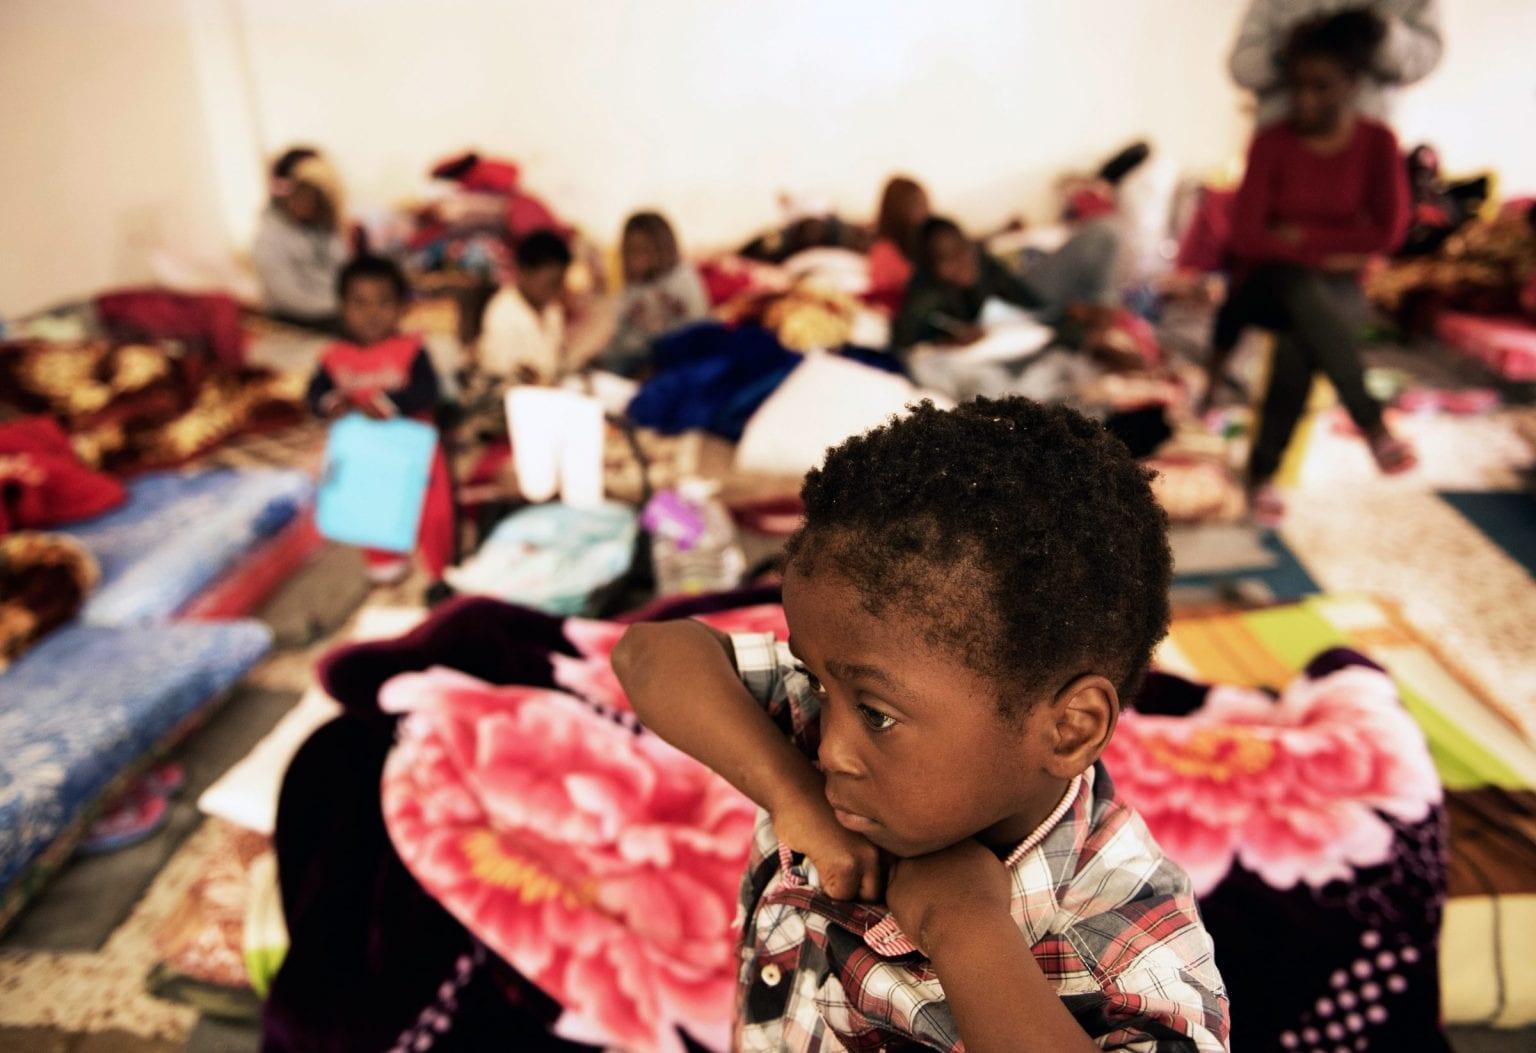 60 kvinder, 20 børn og 115 mænd blev tilbageholdt i dette fængsel d. 29 januar 2017, da UNICEF besøgte det.  Foto: UNICEF